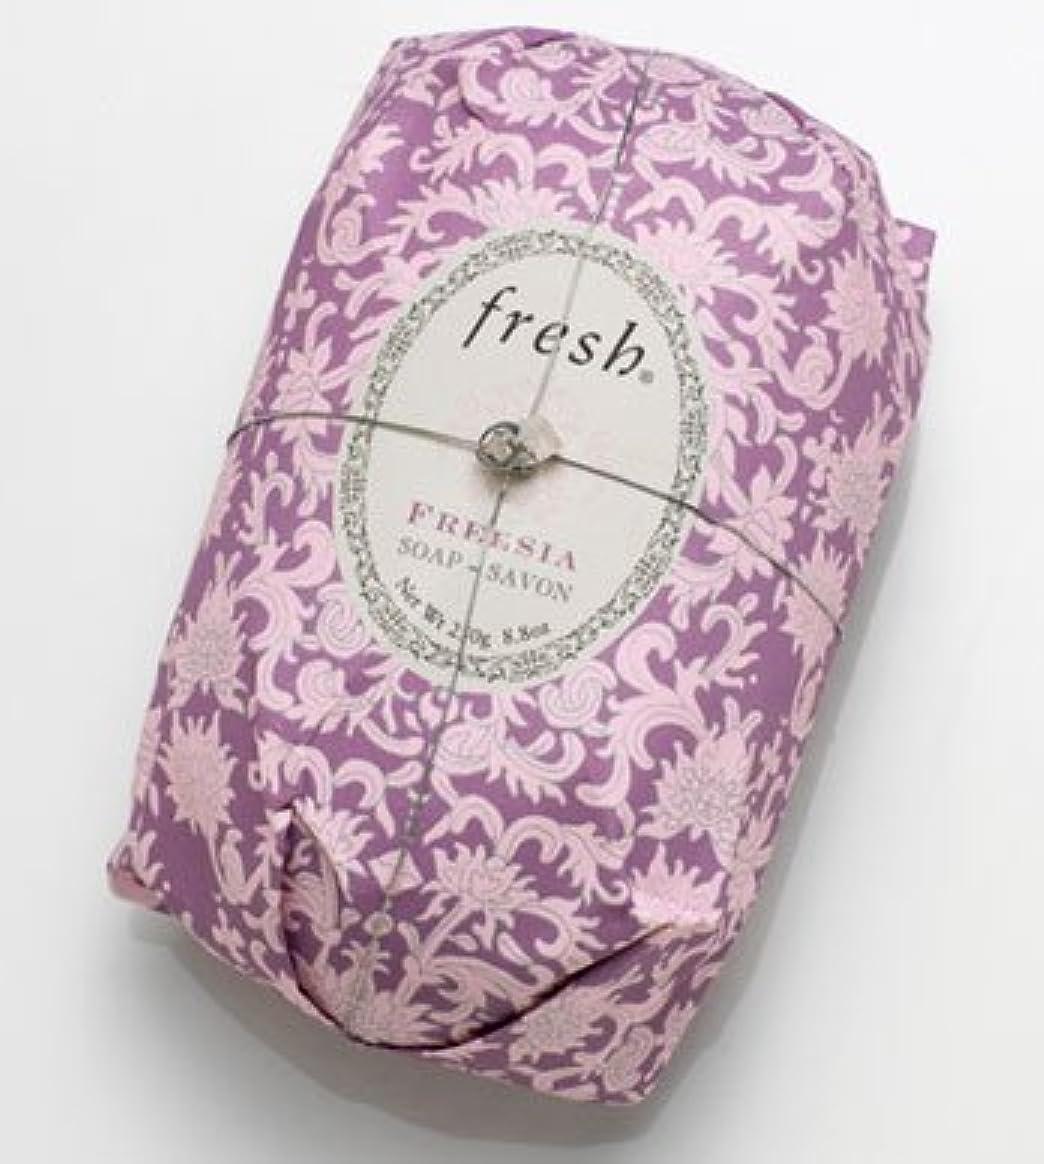 南極吸収するおじさんFresh FREESIA  SOAP (フレッシュ フリージア ソープ) 8.8 oz (250g) Soap (石鹸) by Fresh